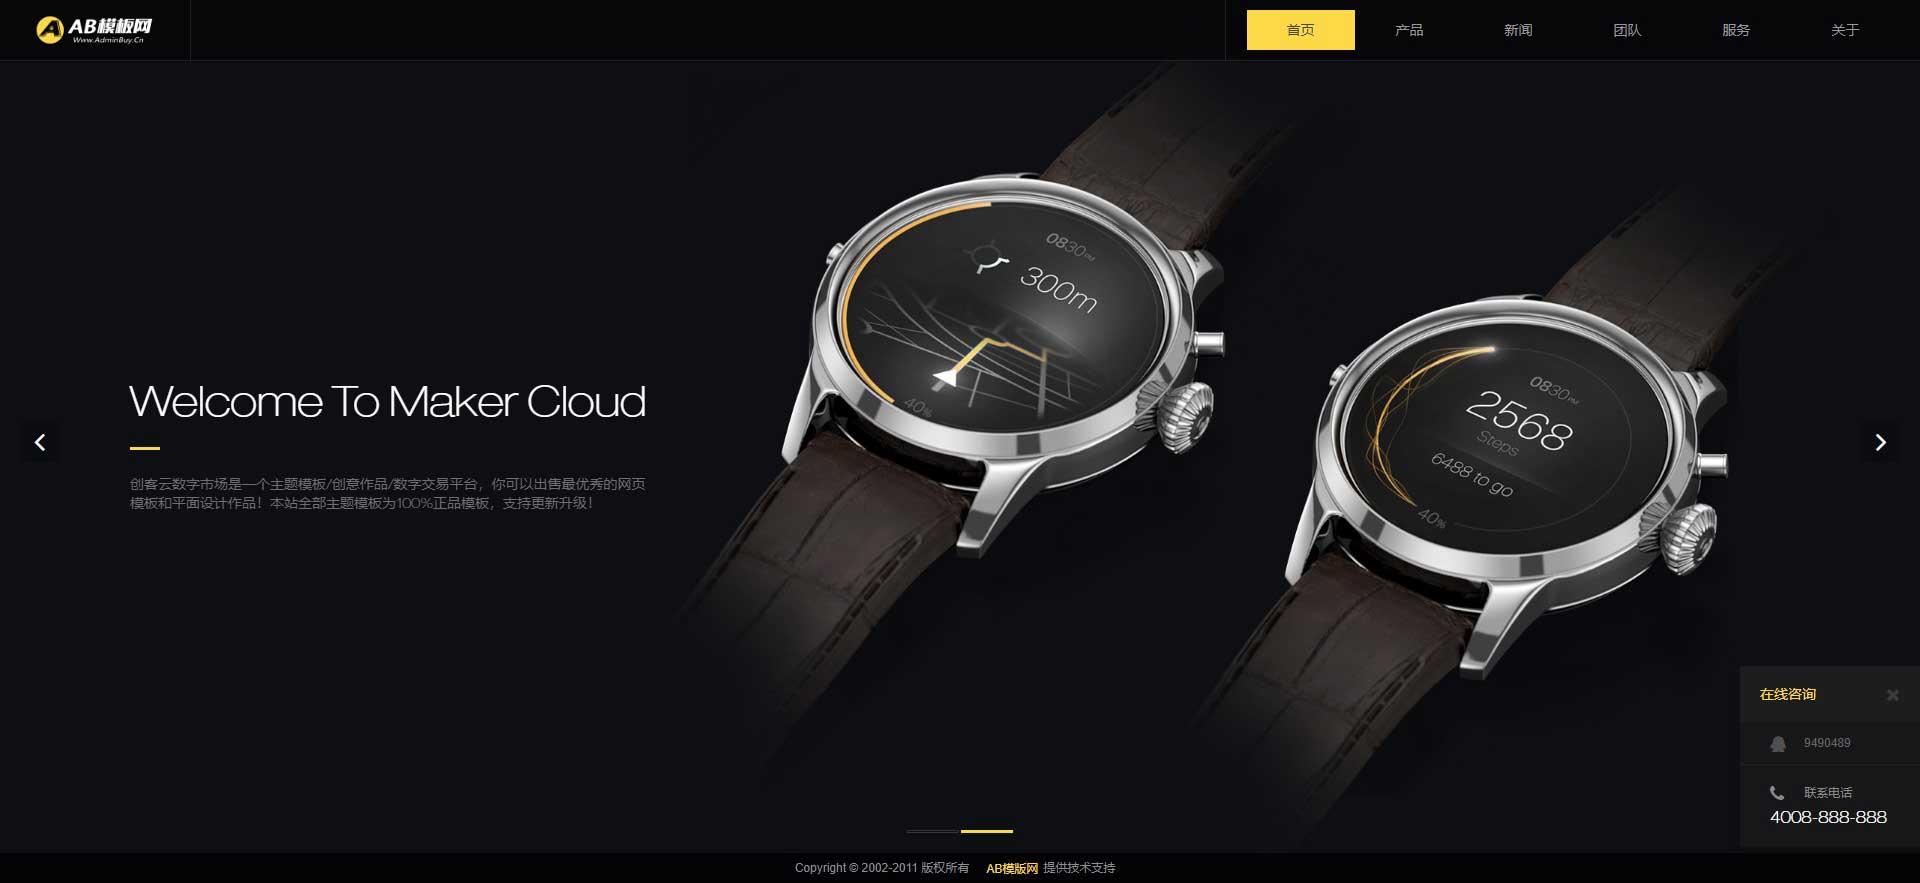 电子智能产品科技企业网站织梦dede模板源码[带手机版数据同步]插图